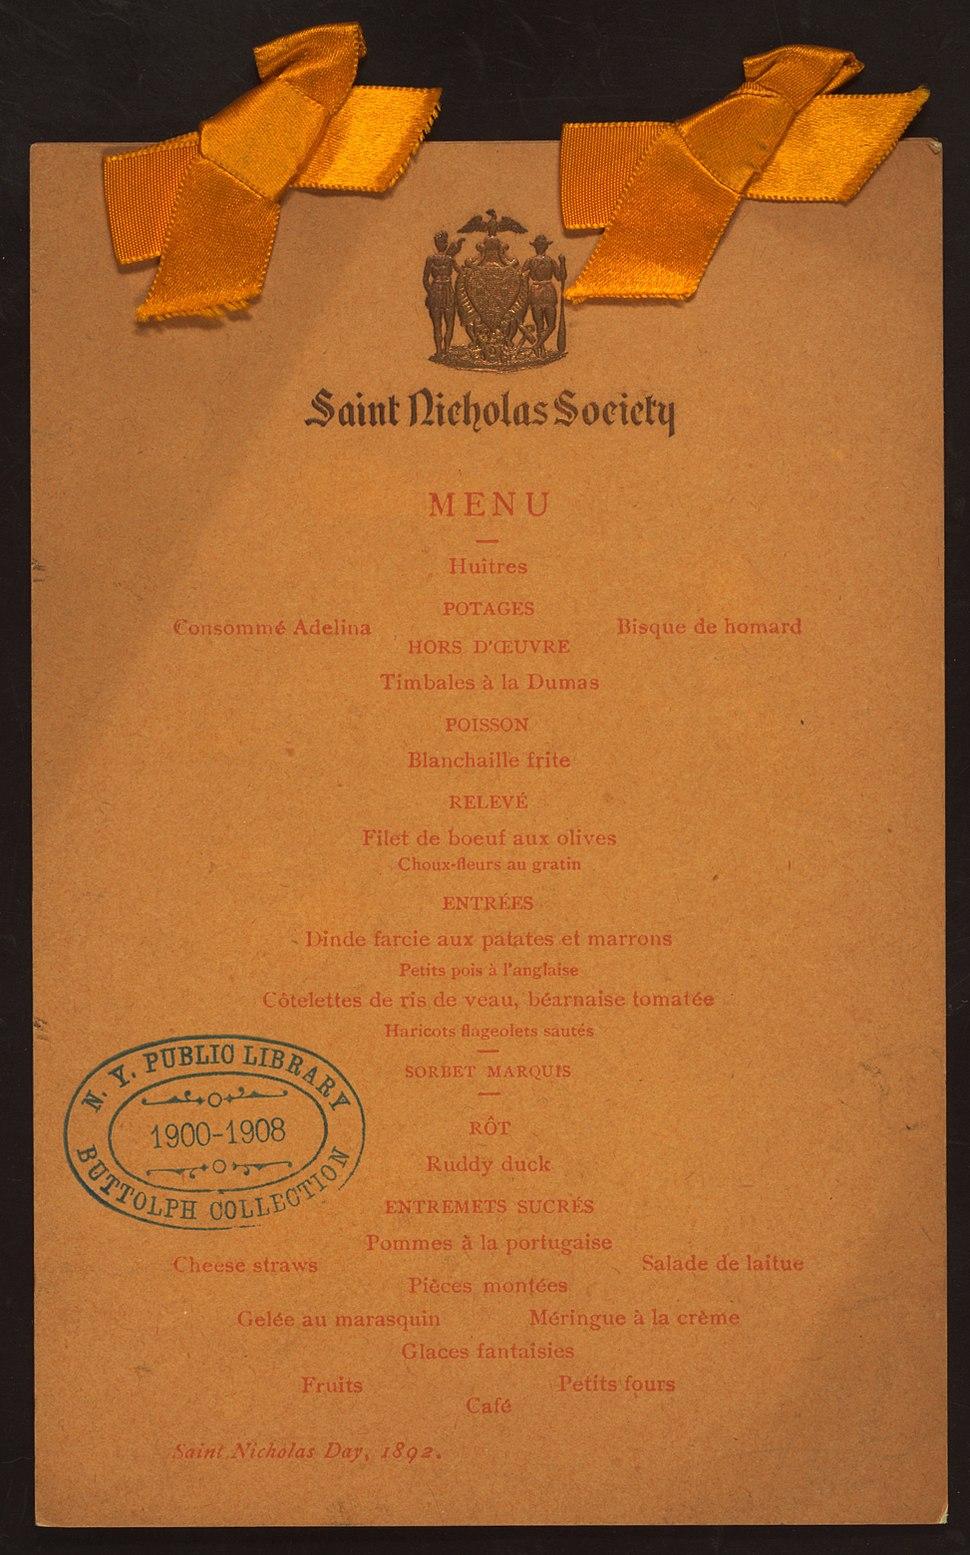 SAINT NICHOLAS DAY (held by) SAINT NICHOLAS SOCIETY (at) (NYPL Hades-270180-474830)